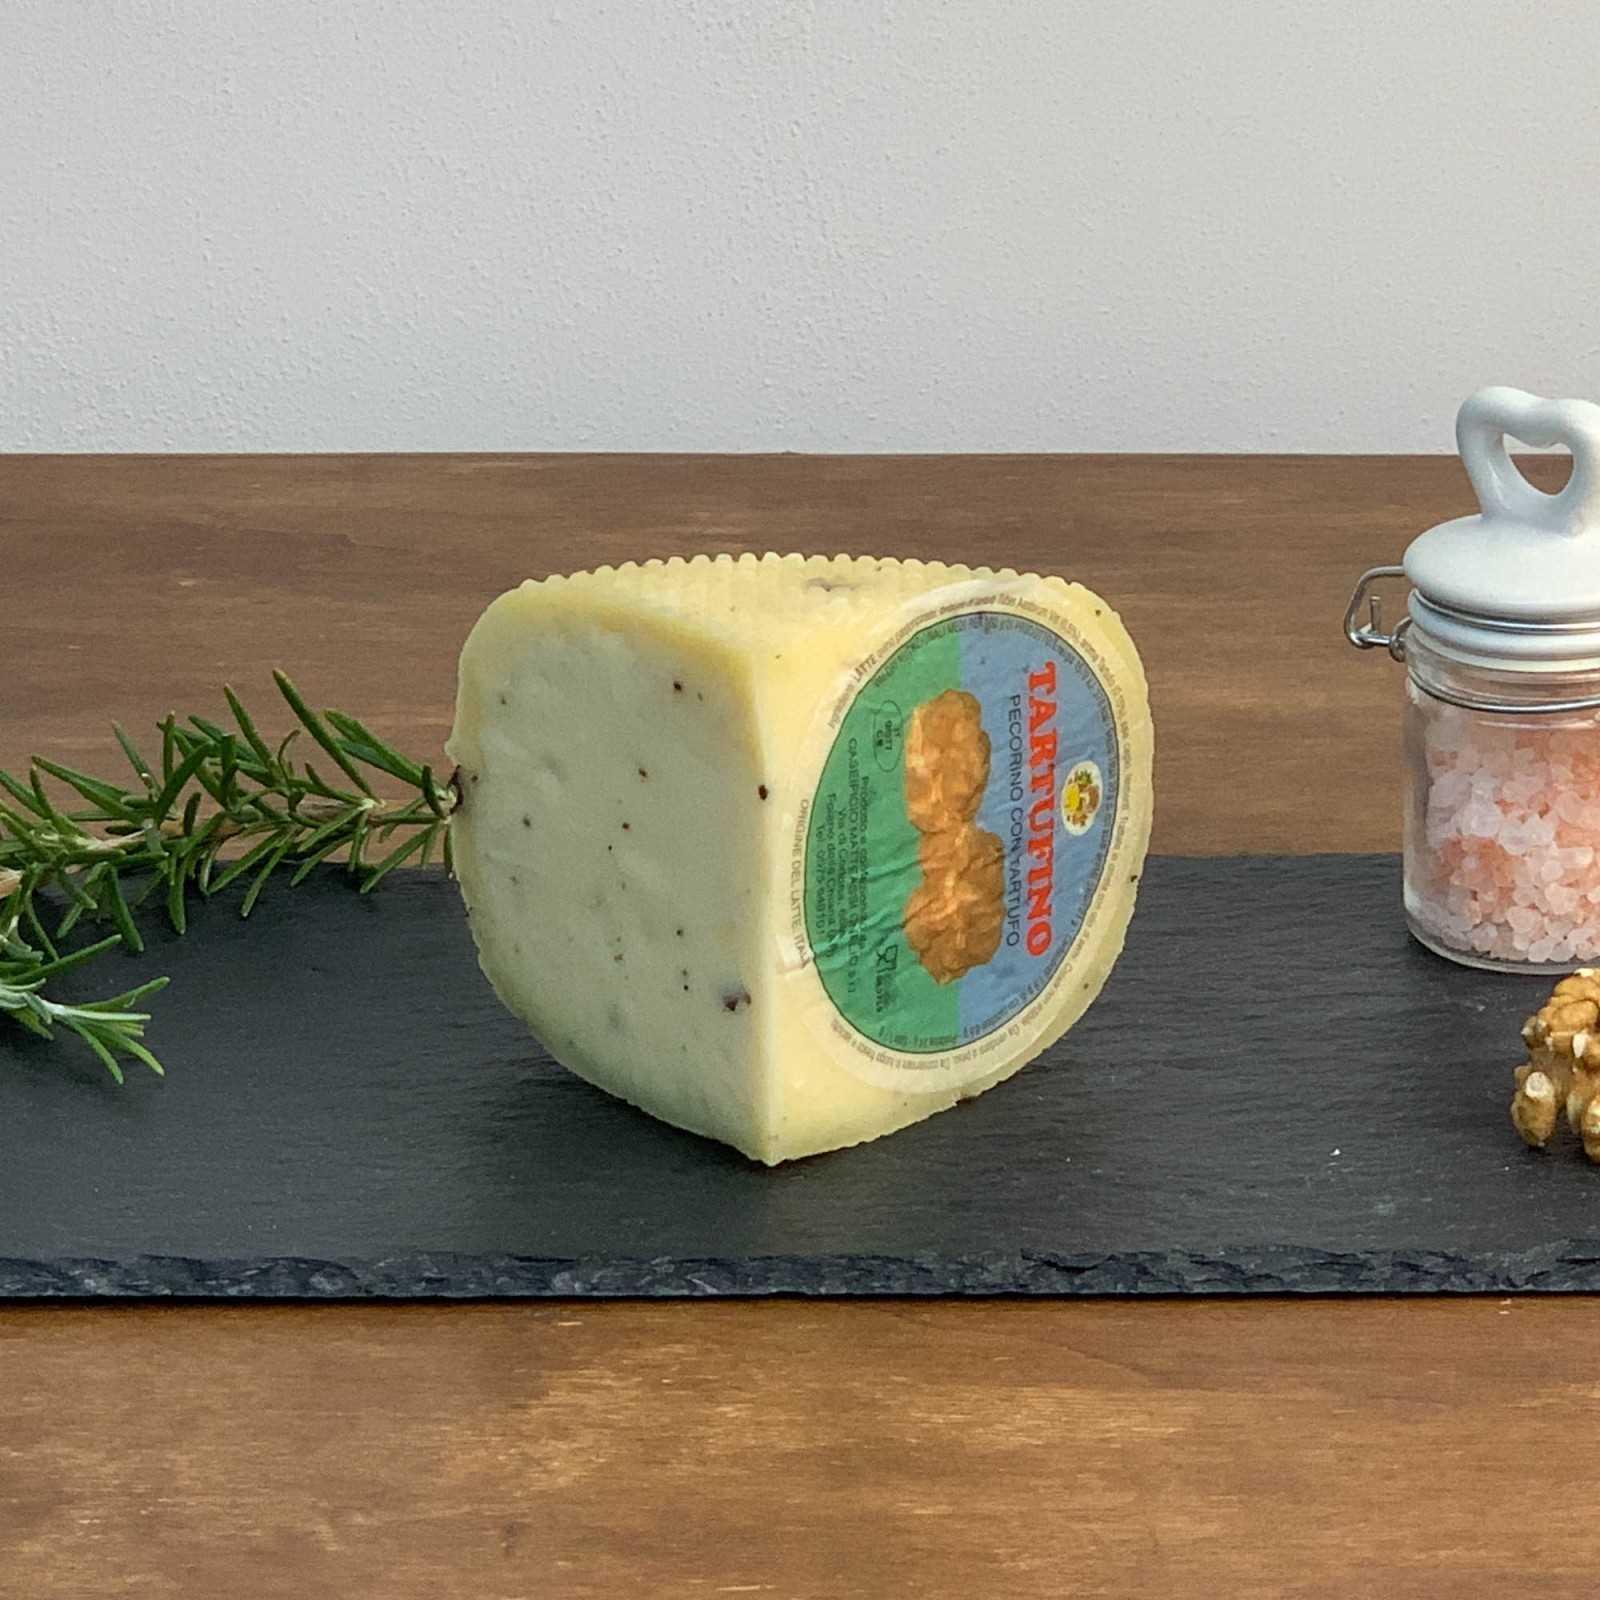 Pecorino Cheese With Truffle.